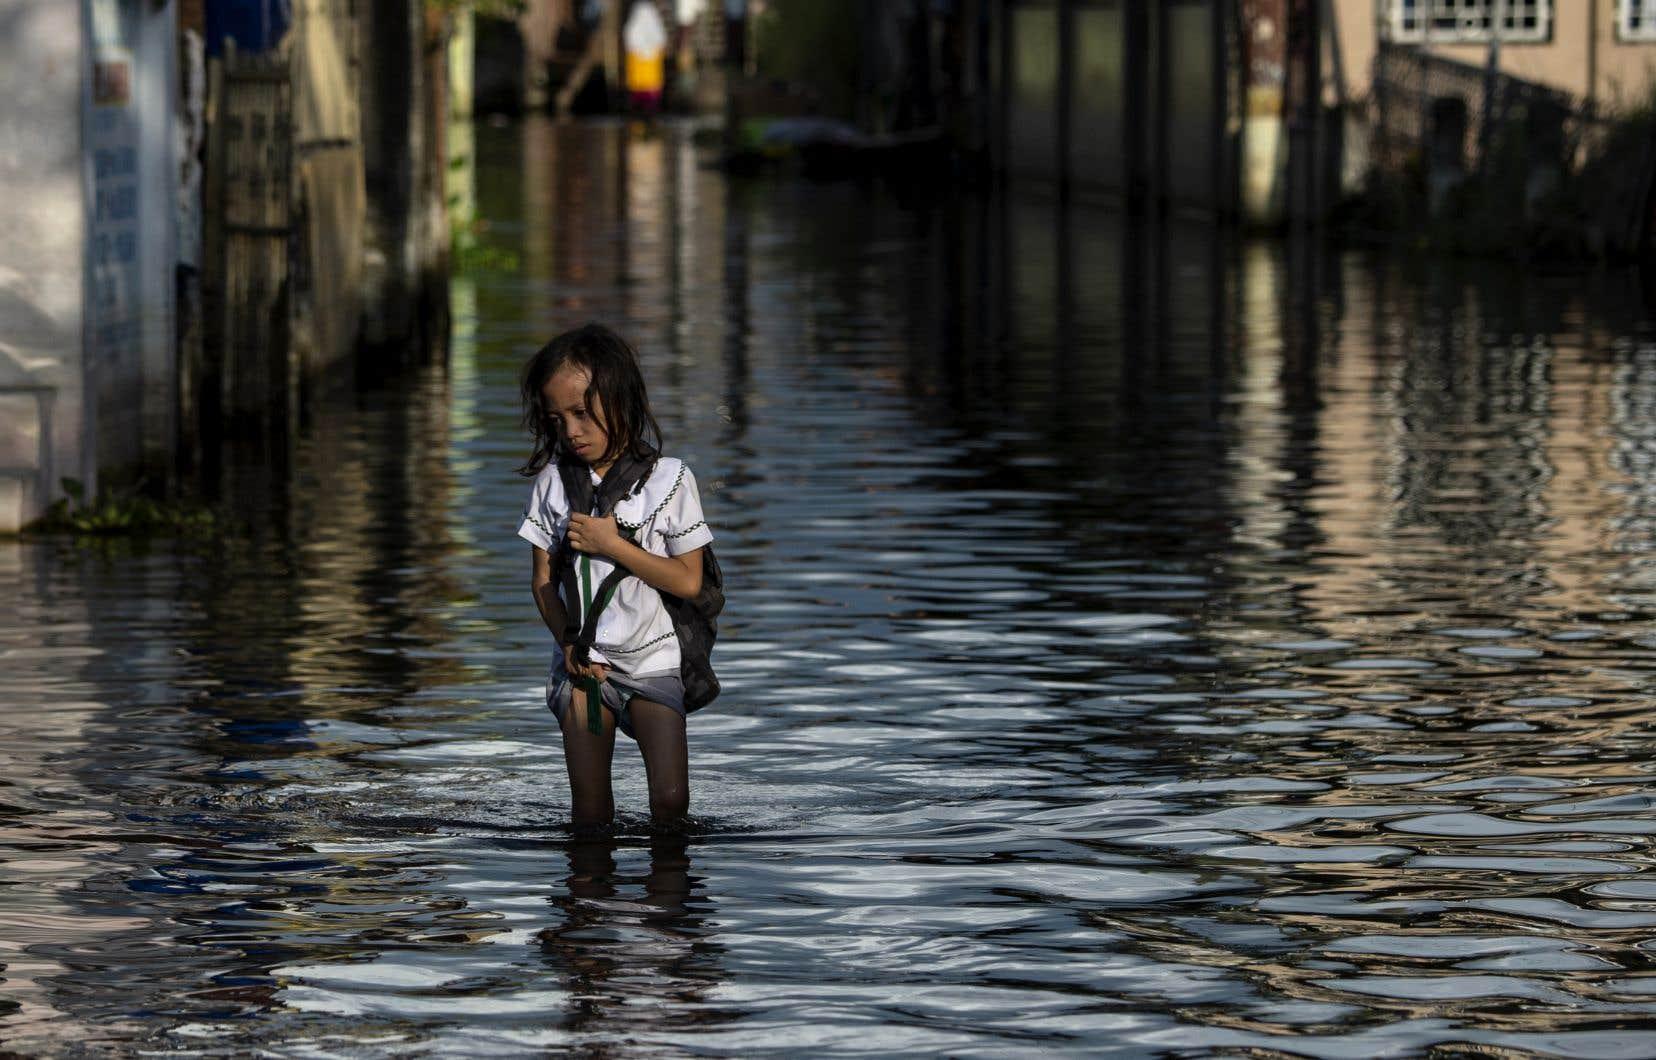 <p>Le nombre des catastrophes climatiques et météorologiques, comme les inondations, augmente depuis les années1960, et a progressé de près de 35% depuis les années1990.</p>